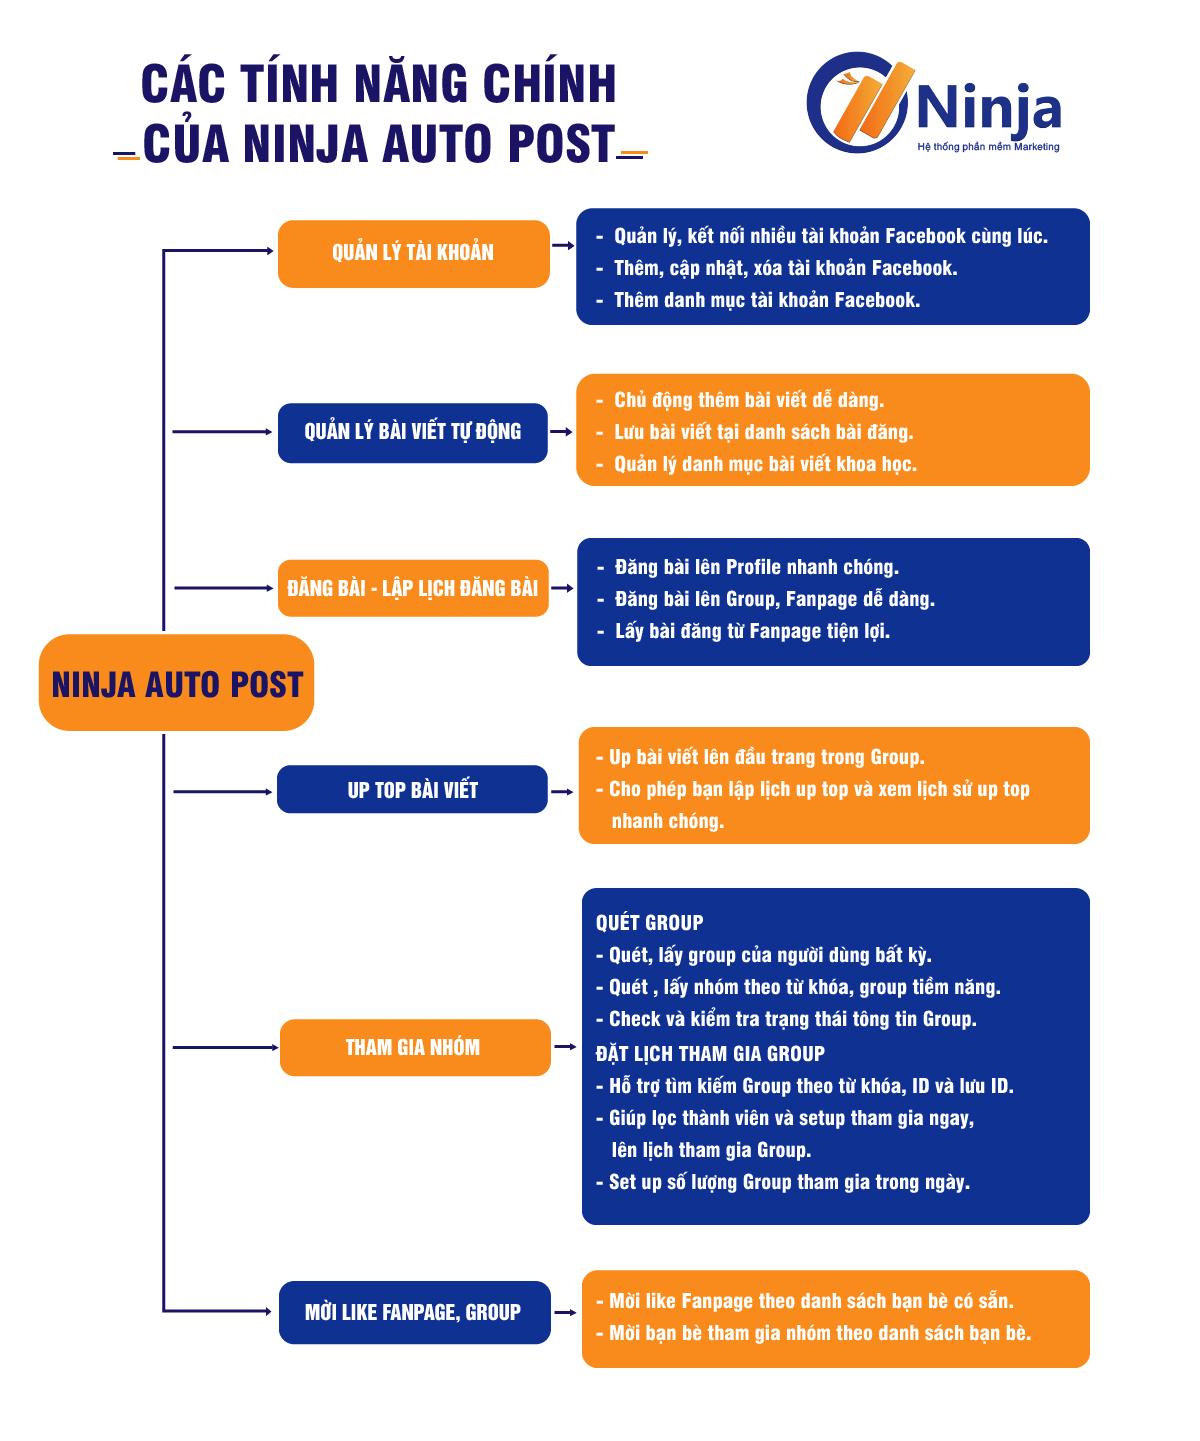 phan-mem-dang-tin-quang-cao-facebook-tu-dong-ninja-auto-post